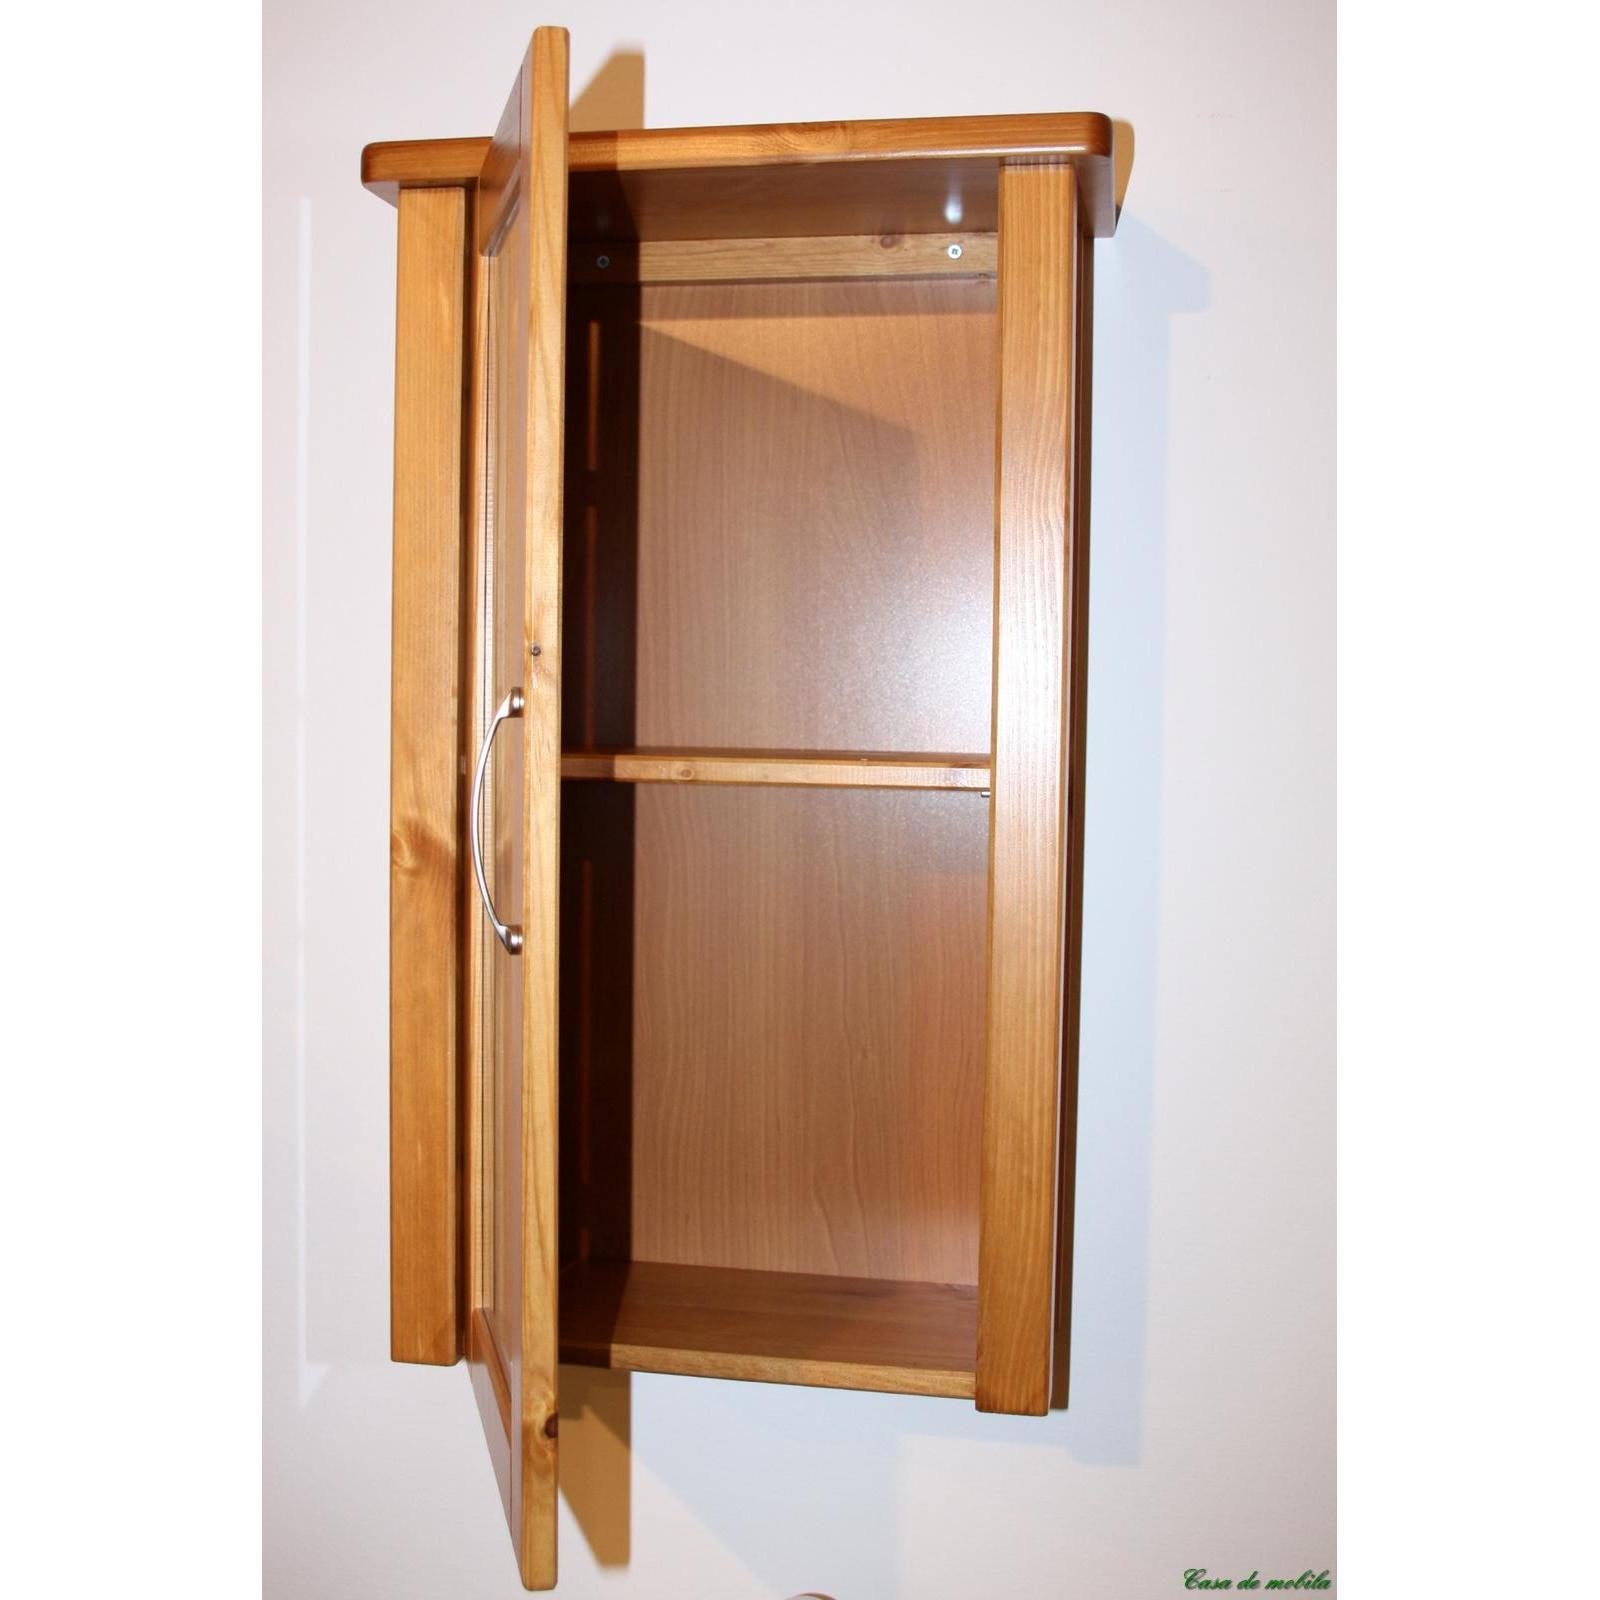 massivholz badschrank hochschrank bad m bel kiefer massiv honig lackiert venedig ebay. Black Bedroom Furniture Sets. Home Design Ideas